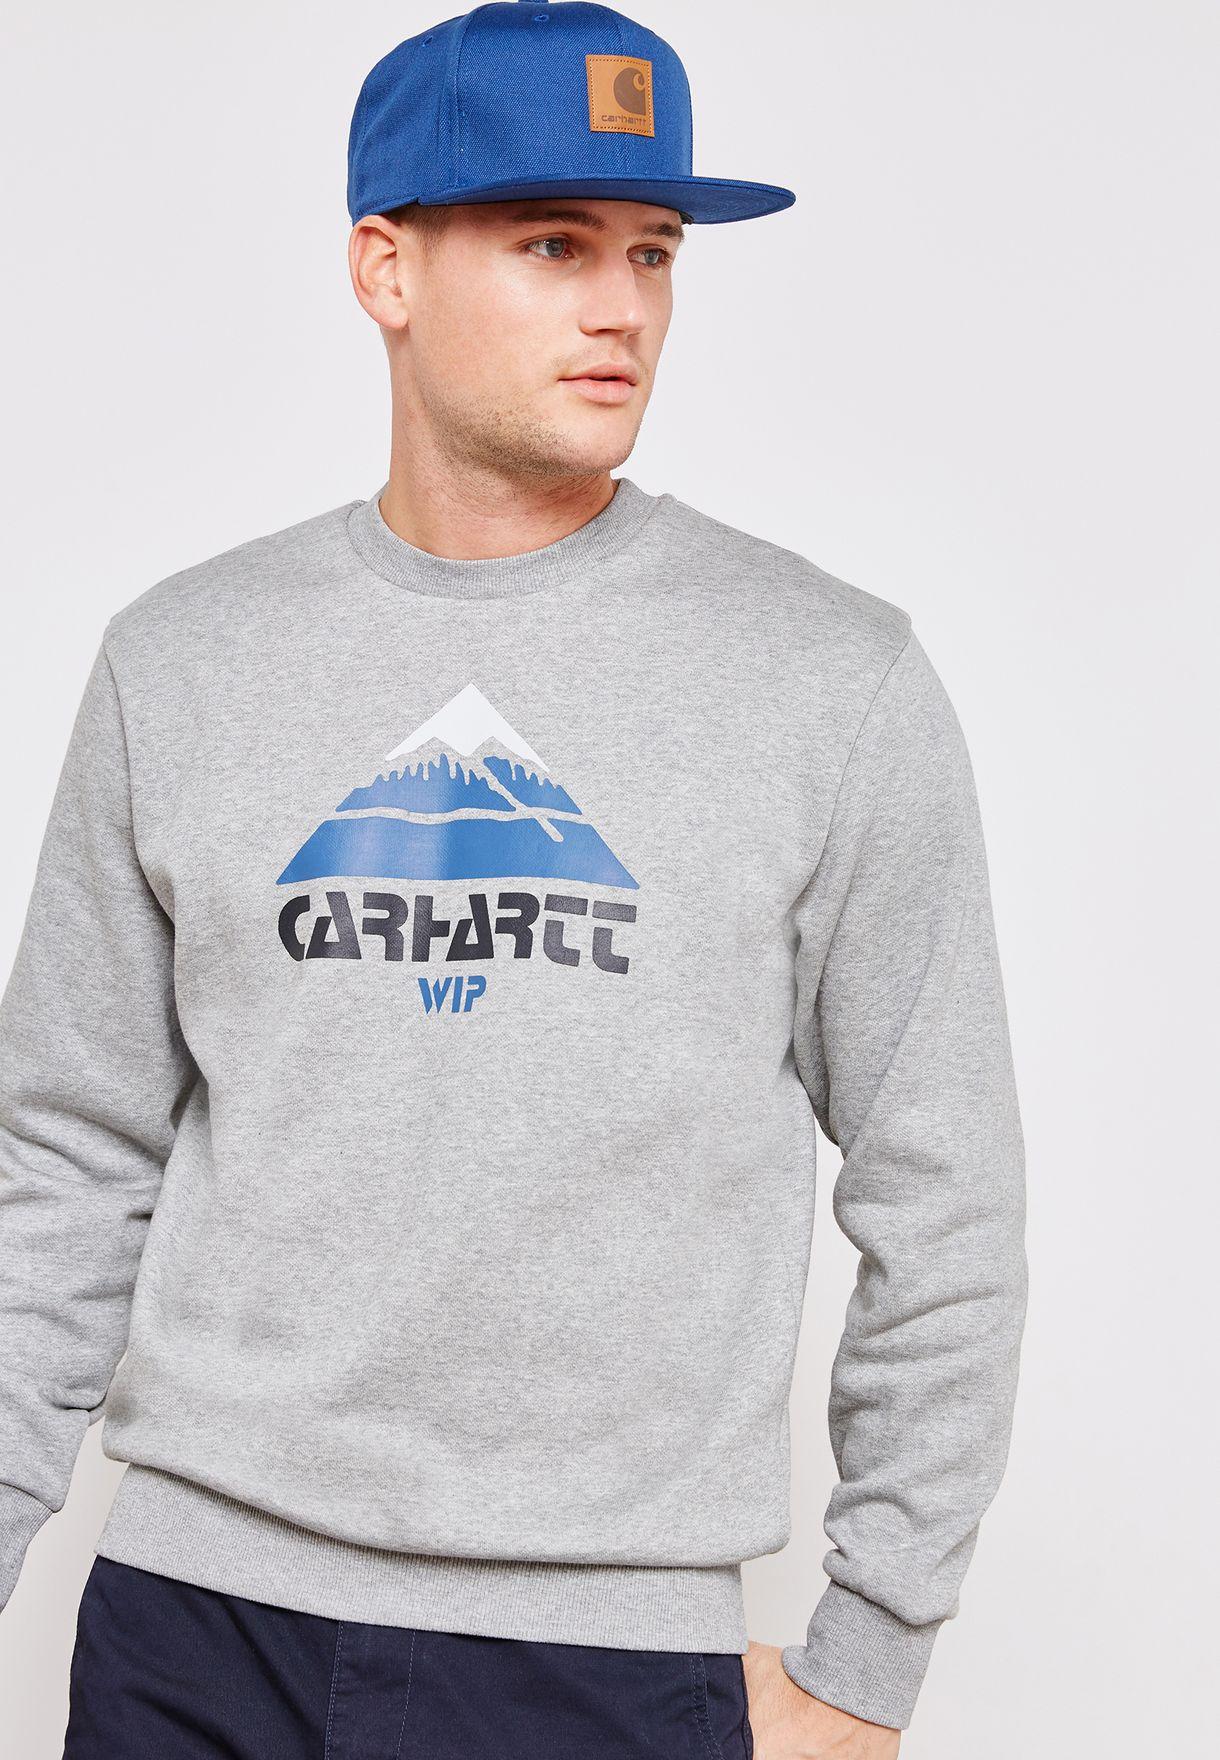 b5a8881db64 Shop Carhartt WIP grey Mountain Sweatshirt I025736 for Men in UAE ...